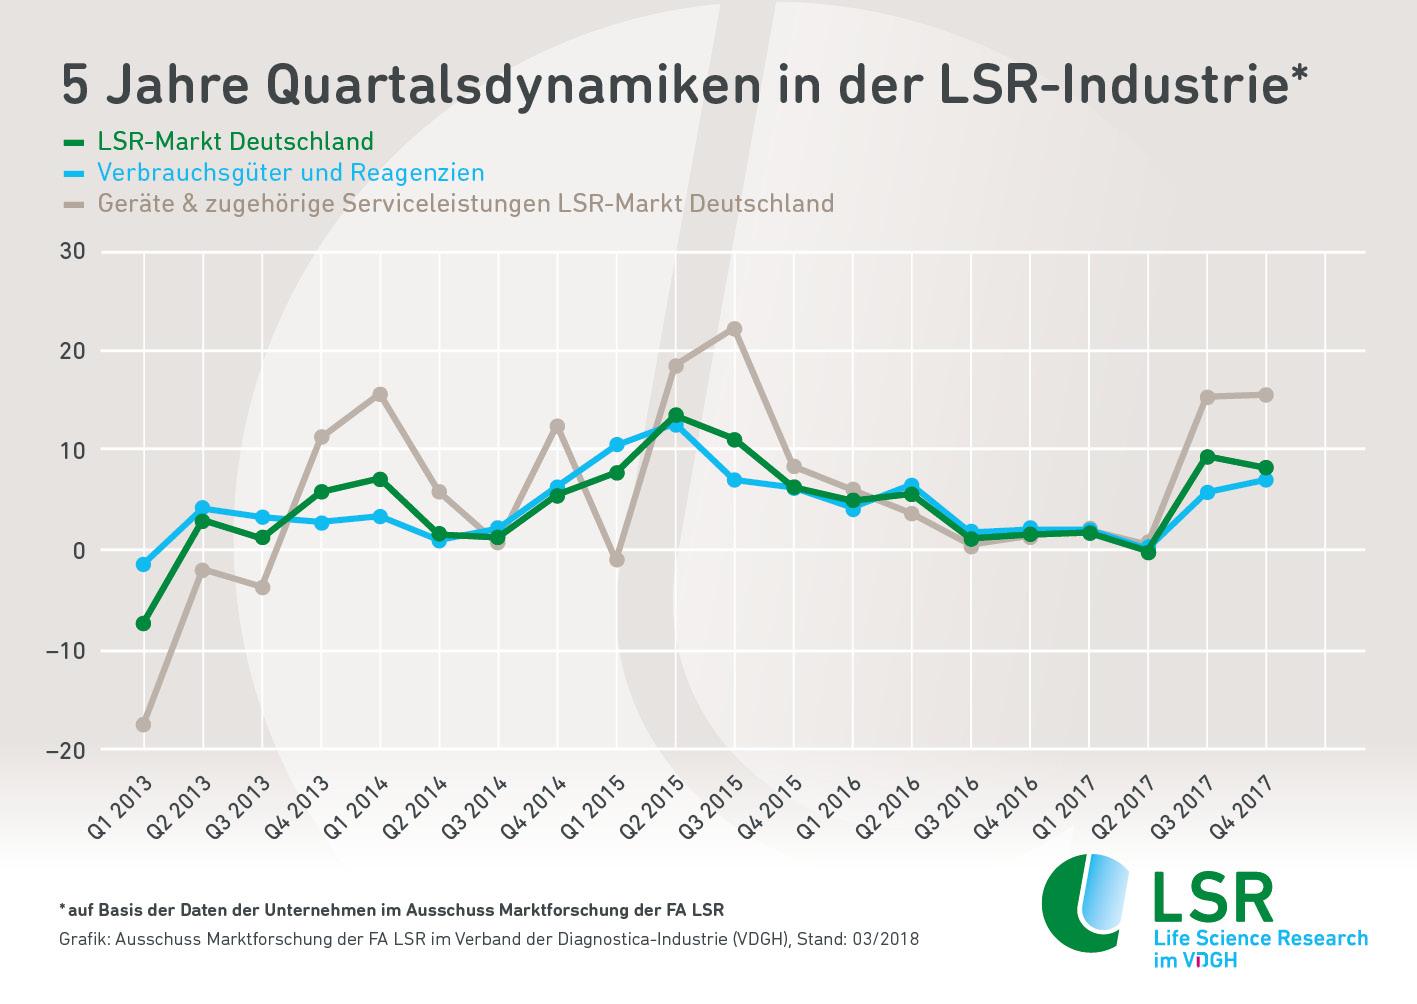 Quartalsdynamiken in der LSR-Industrie